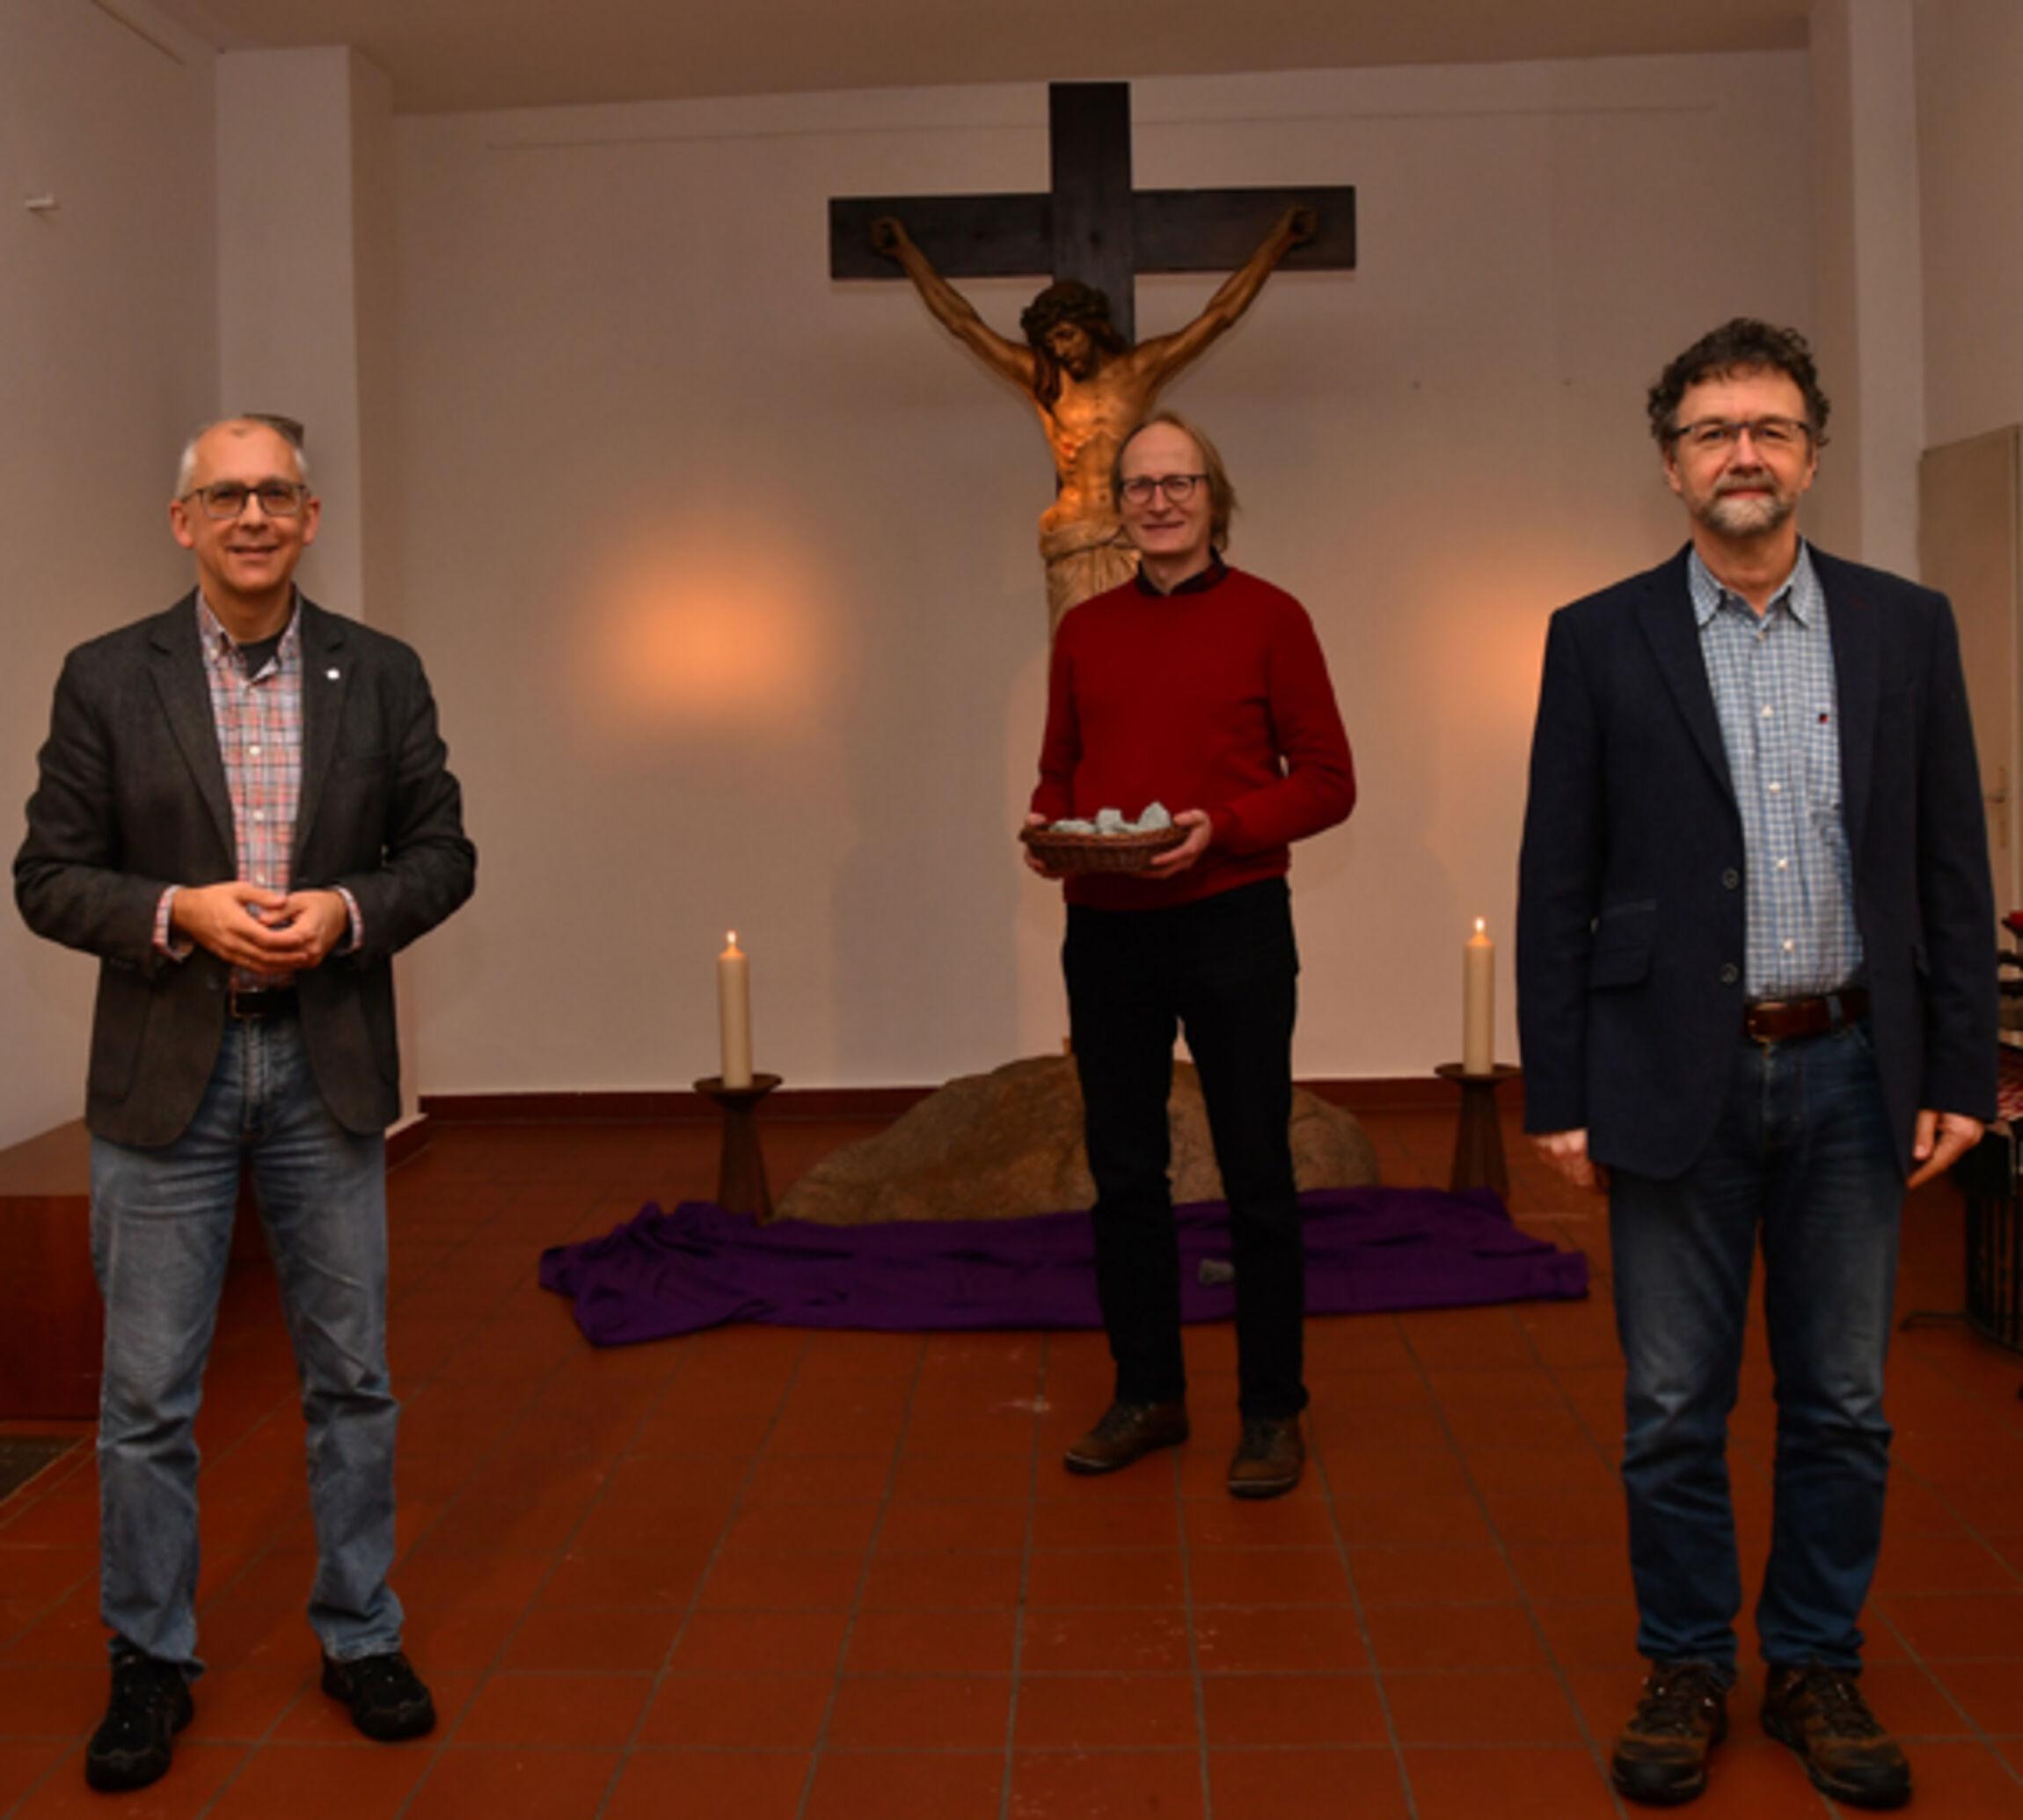 Foto: Kirchenkreis Wolfsburg-Wittingen / Lorrie Berndt